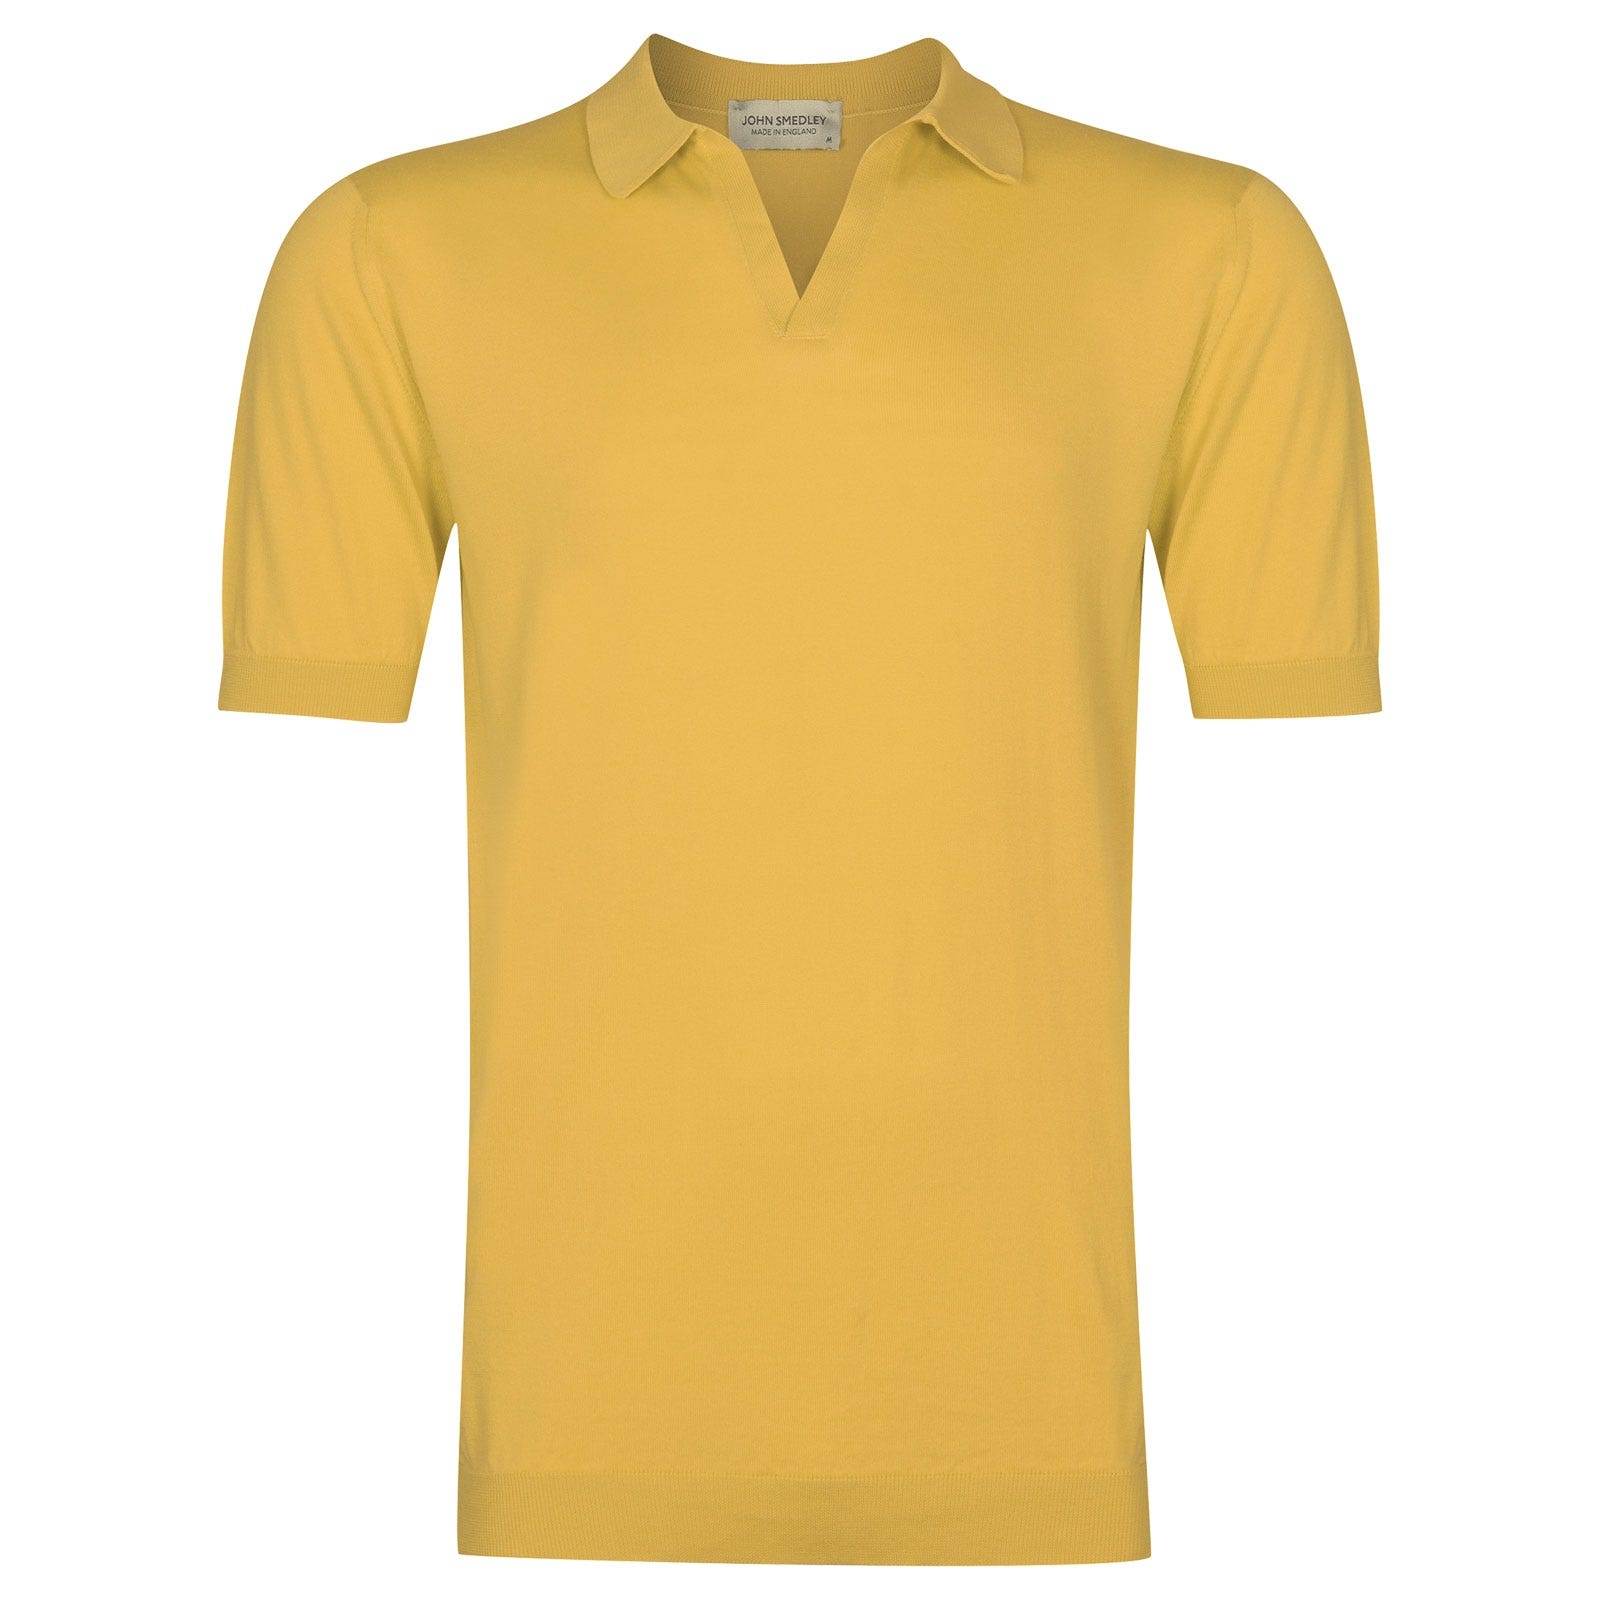 John Smedley Noah in Yellow Bloom Shirt-SML